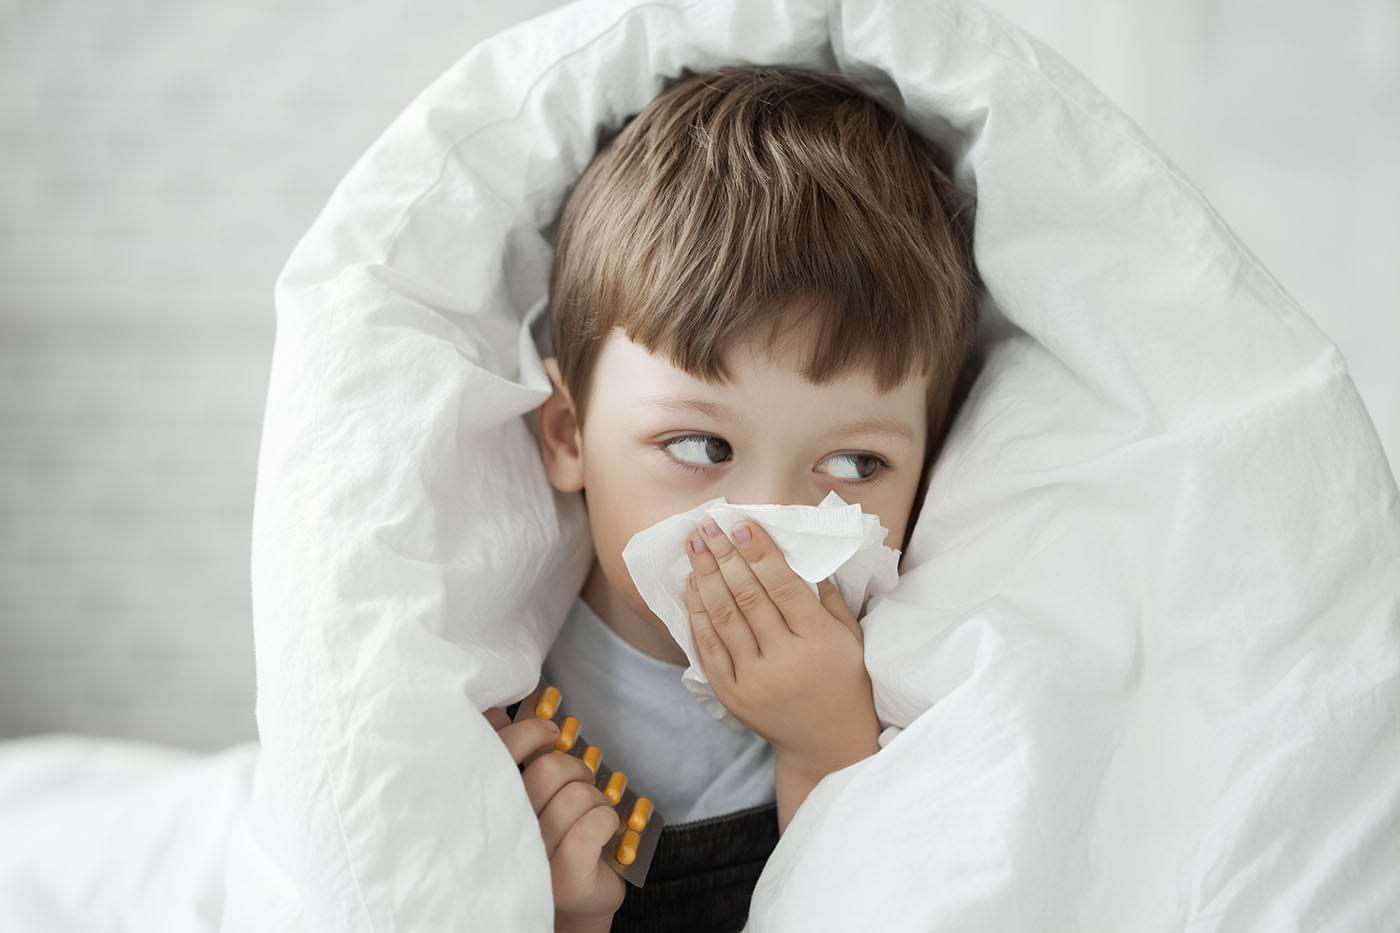 Copiii cu alergii au un risc mai mare de COVID-19 lung, arată studiile pediatrice